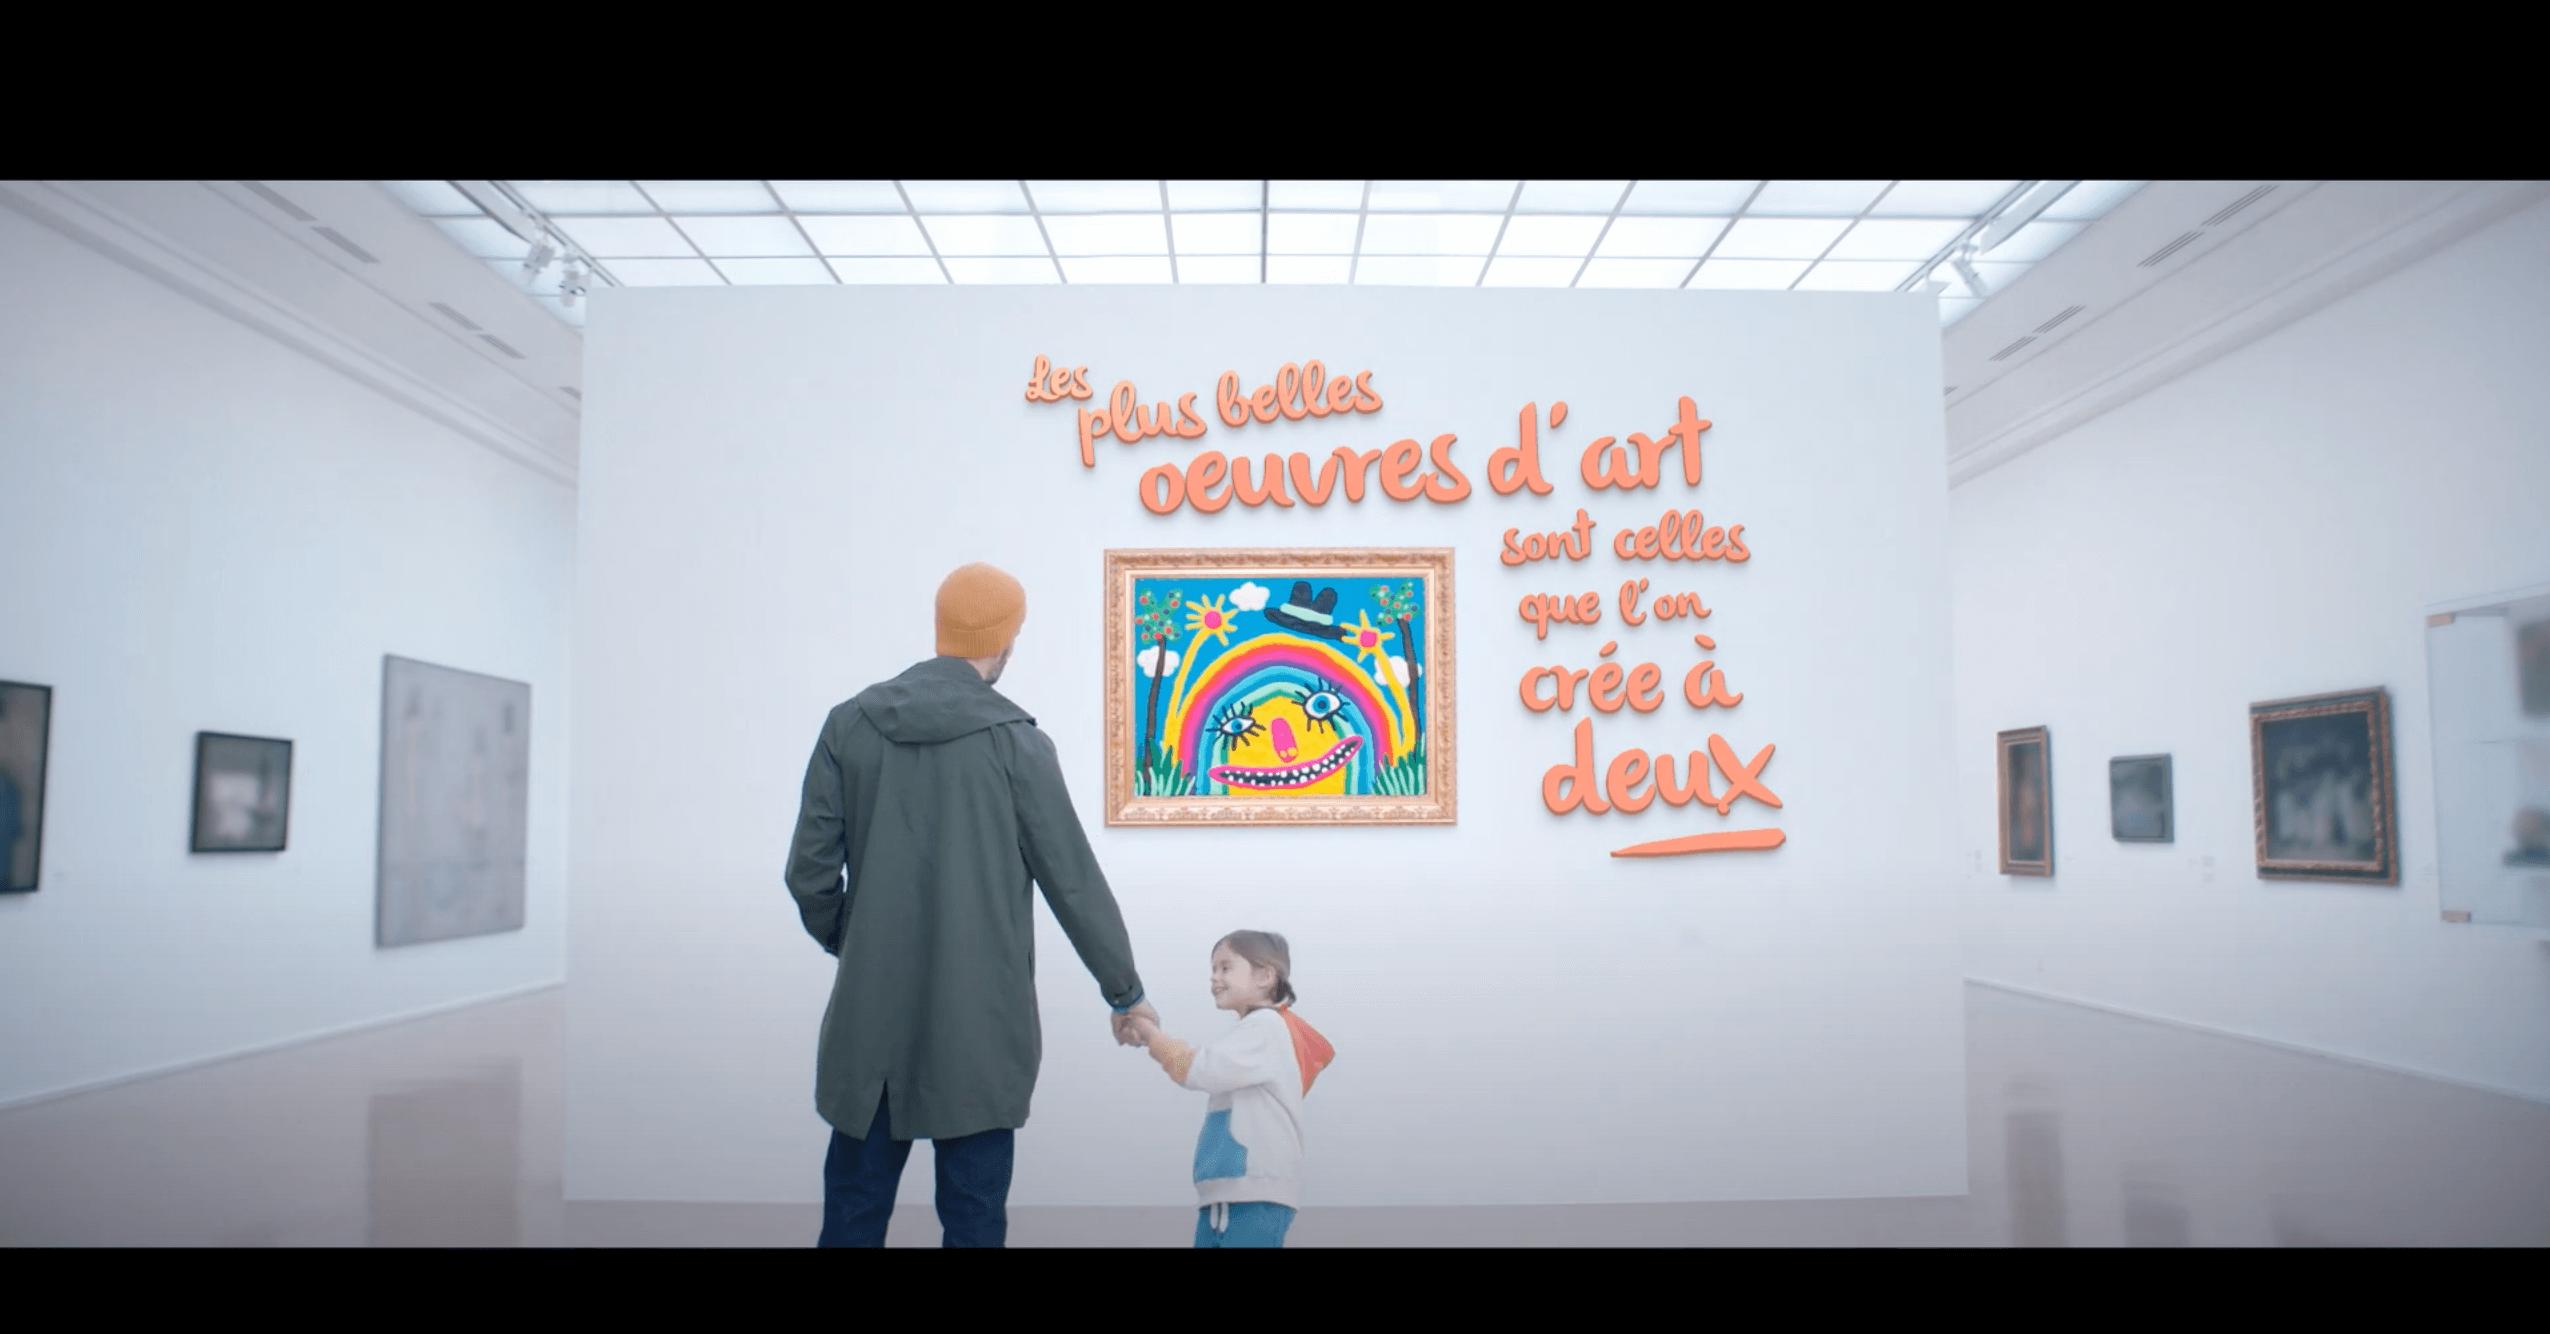 Um seinen 65. Geburtstag zu feiern, hat sich Play-Doh mit dem Pariser Musée d'Art Moderne zusammengetan. Neben dem digitalen Film wird es auch tatsächlich Werke aus Knete, die von Familien gemeinsam geschaffen wurden, im Museum zu sehen geben.